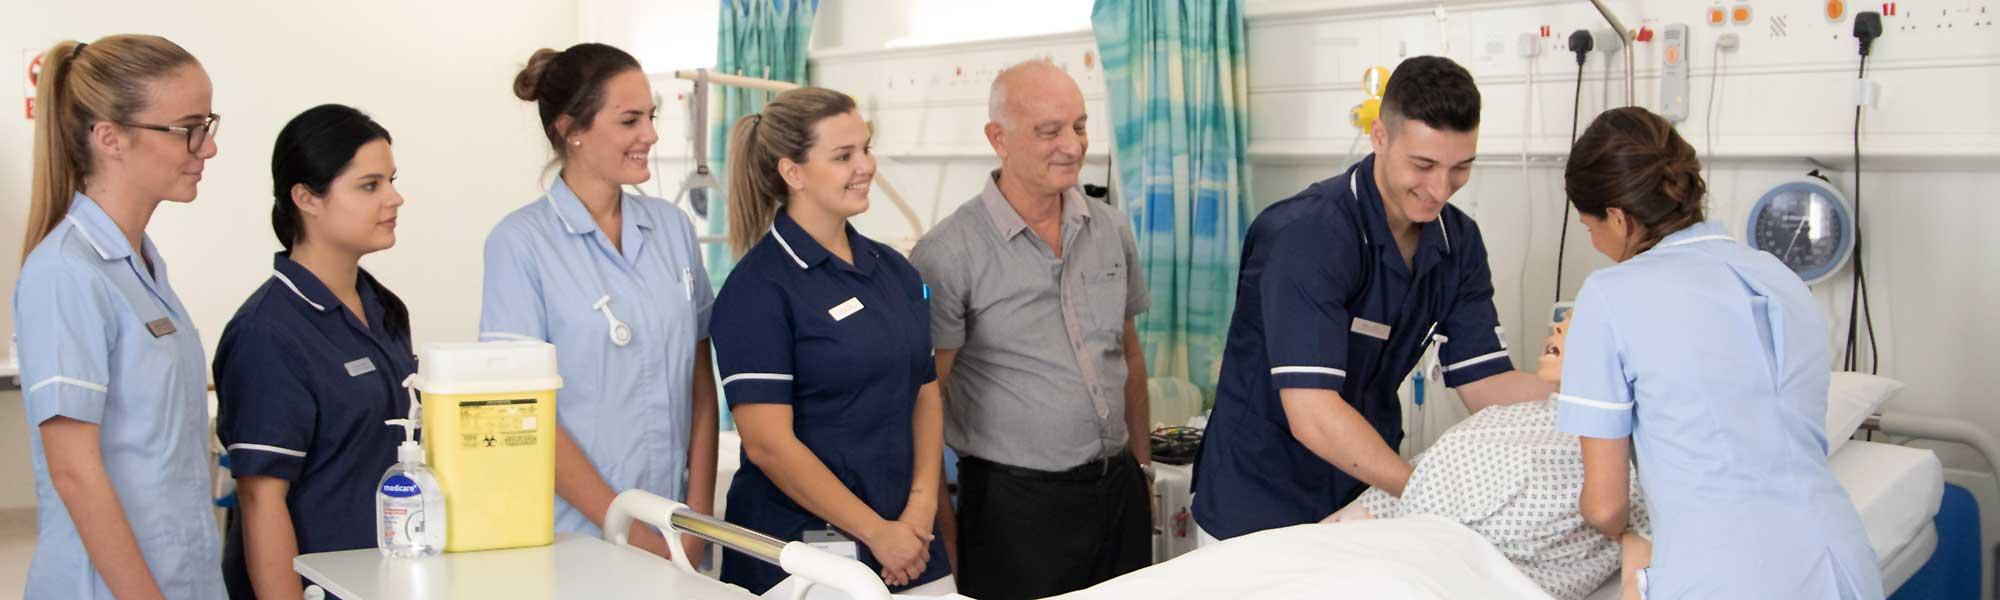 Student nurses in hospital